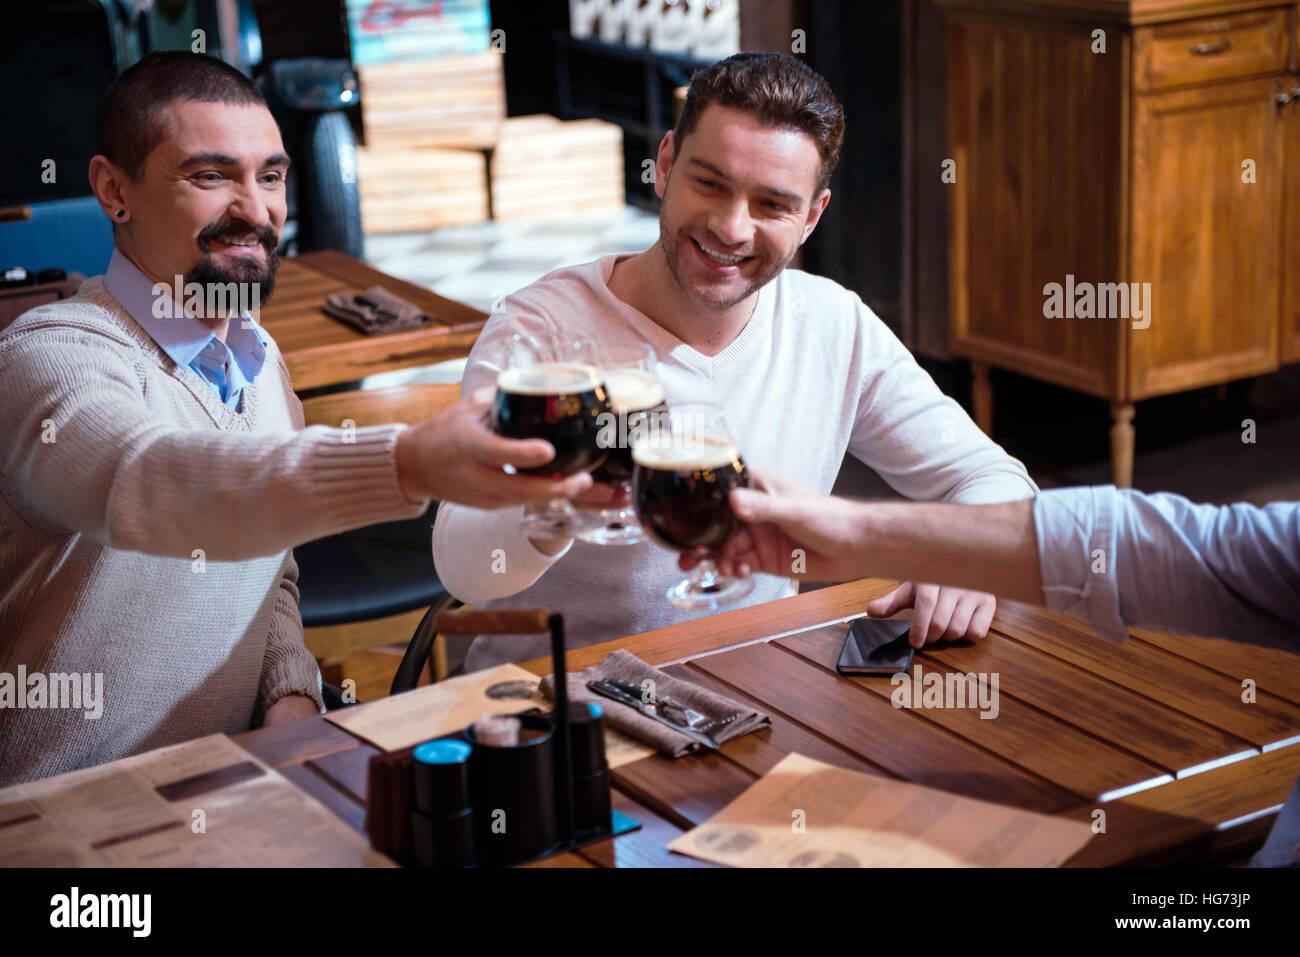 Positivo amici gioiosa tifo con birra Immagini Stock